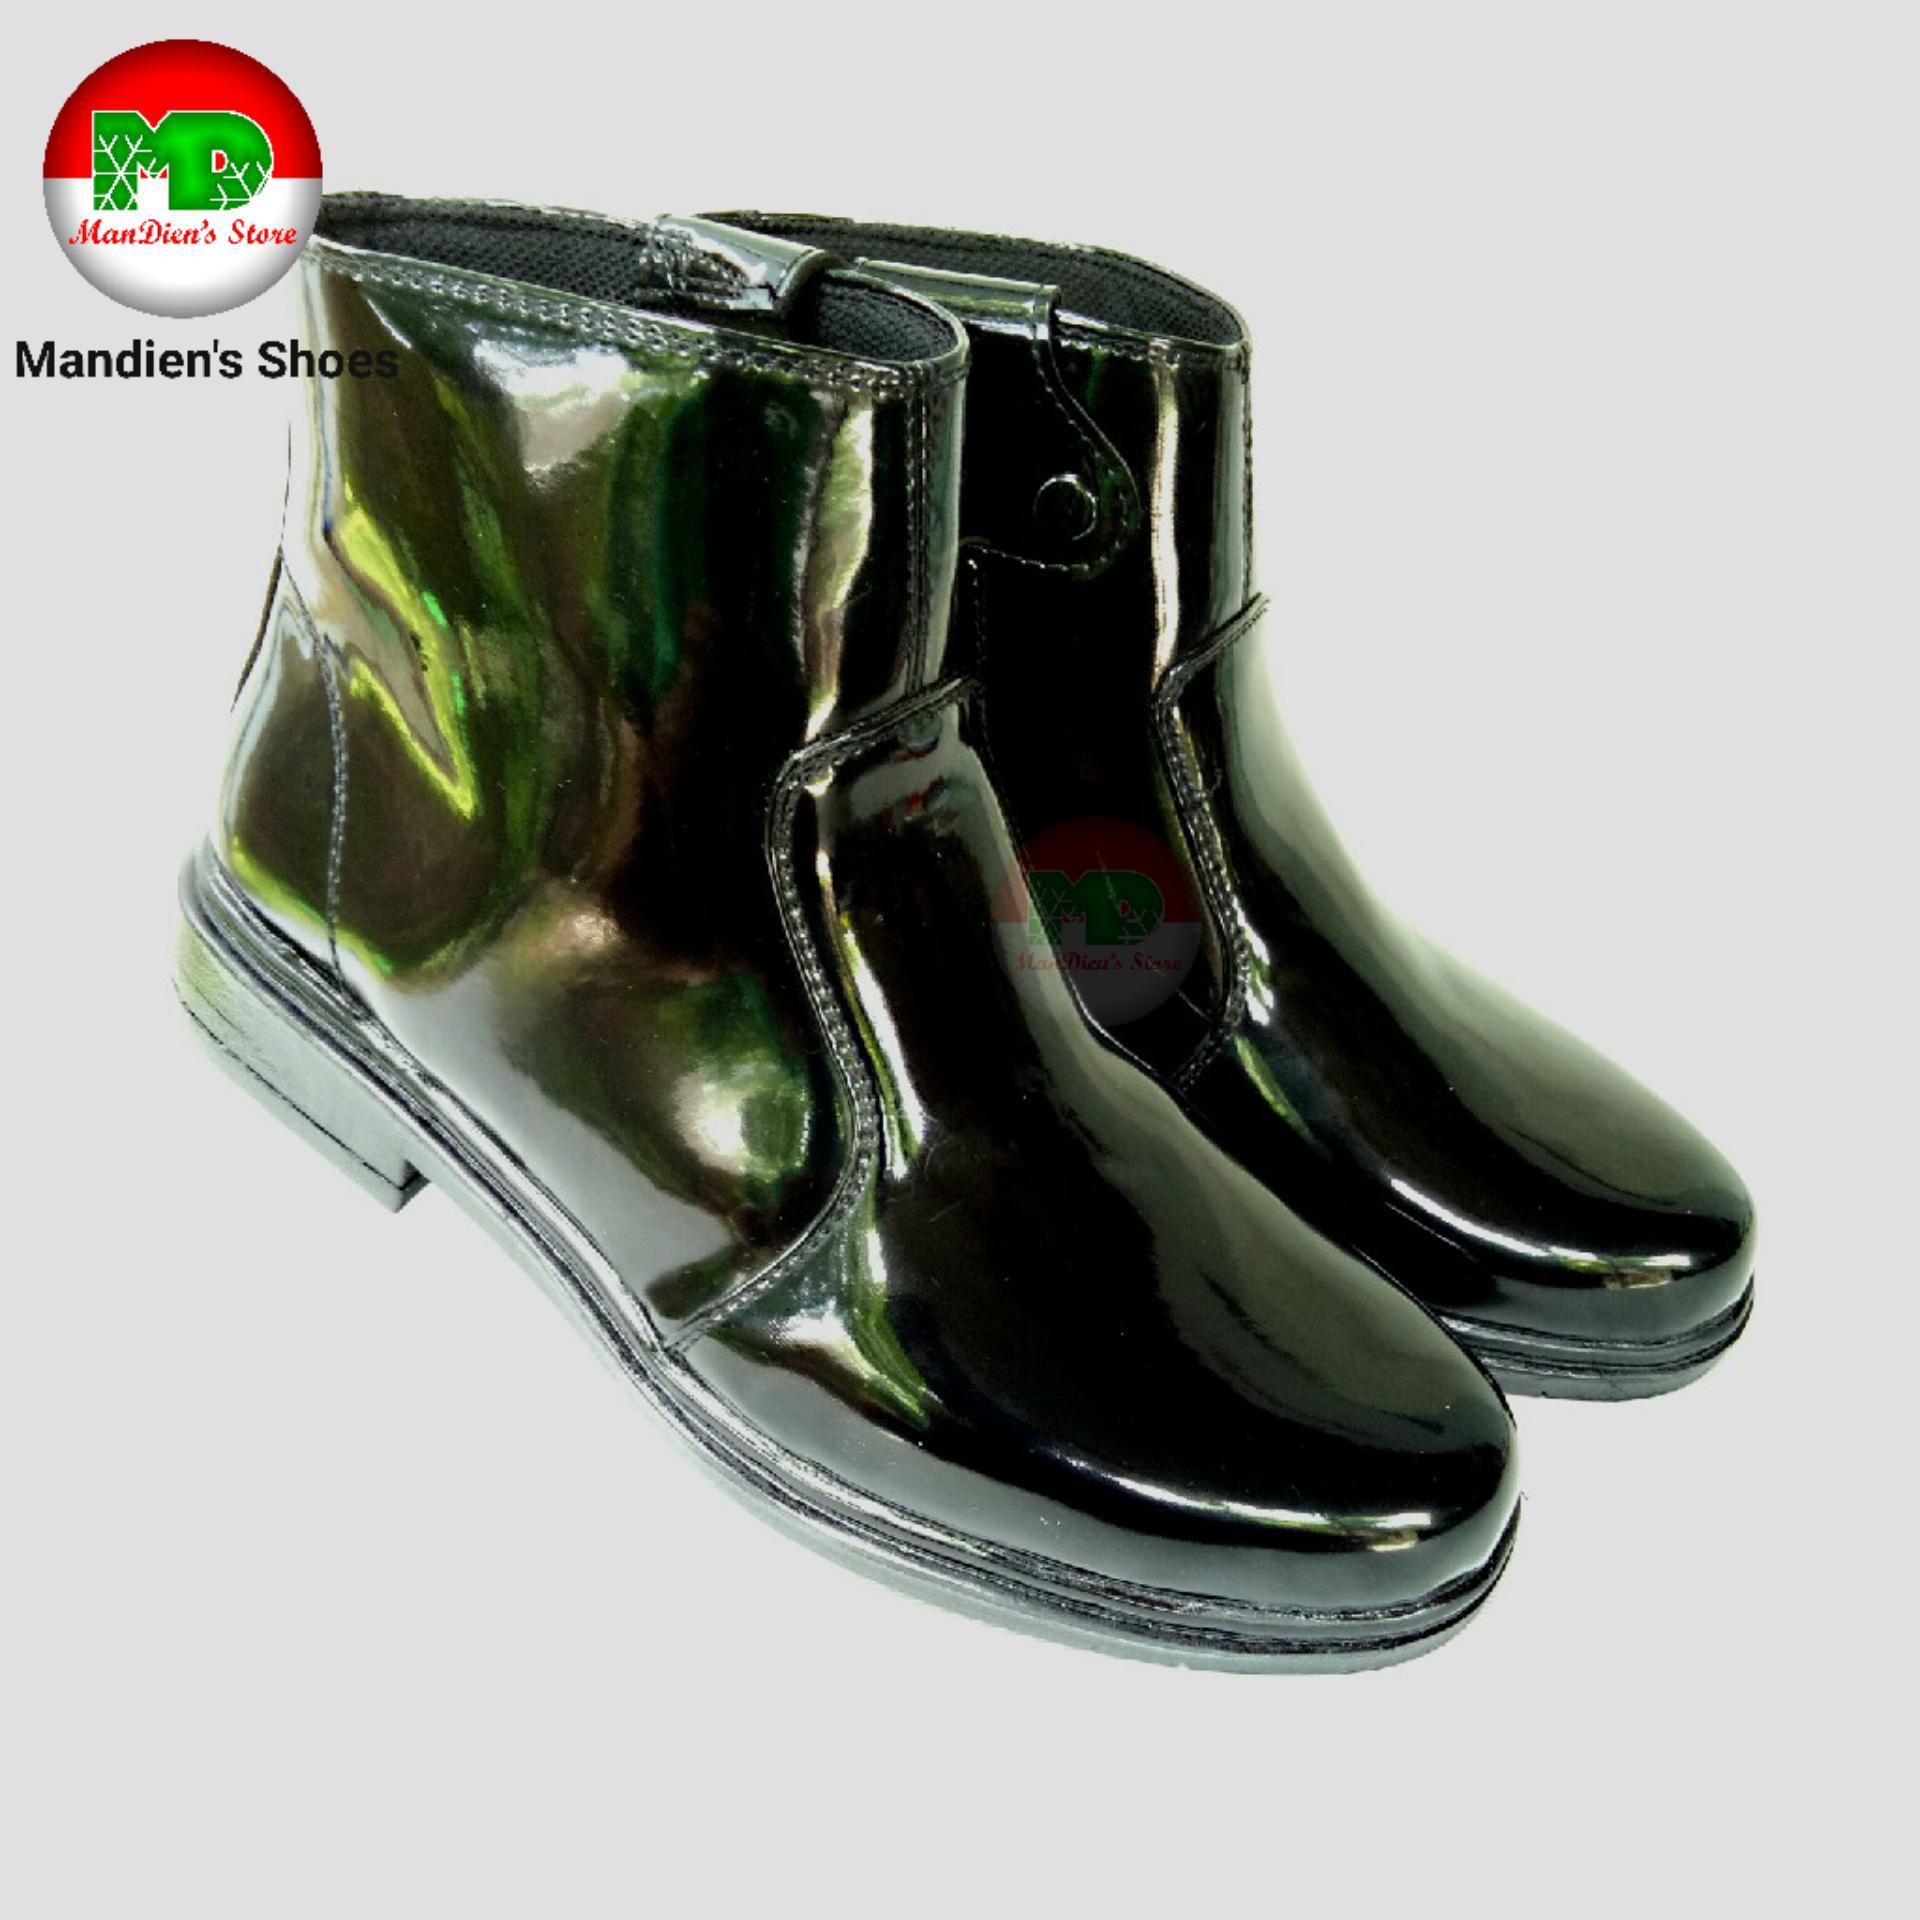 Cek Harga Baru Sepatu Pria Th Pdh Jatah Tni Polri Murah 339bcc Pdl Security Ter Mandiens Boots Super Kilat Ttali Hitam